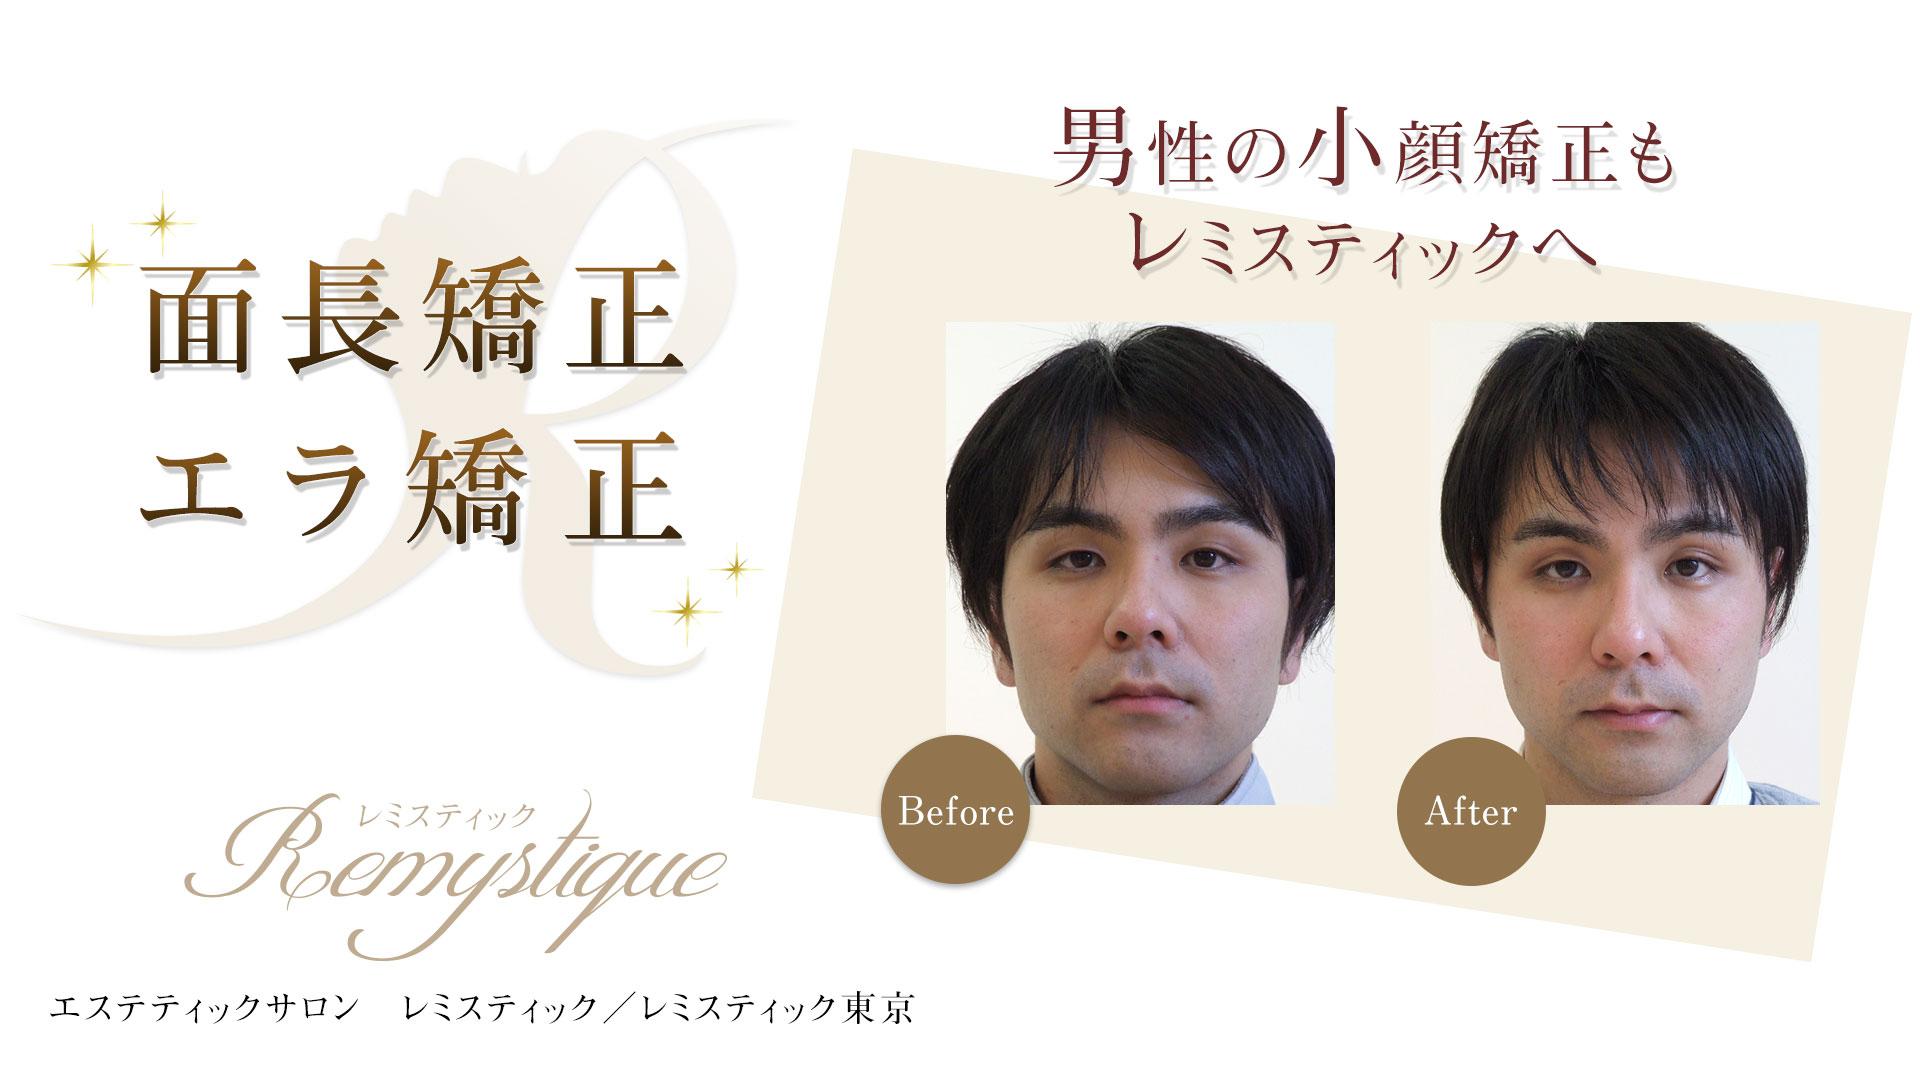 男性の小顔矯正もレミスティック東京へ 面長矯正・エラ矯正